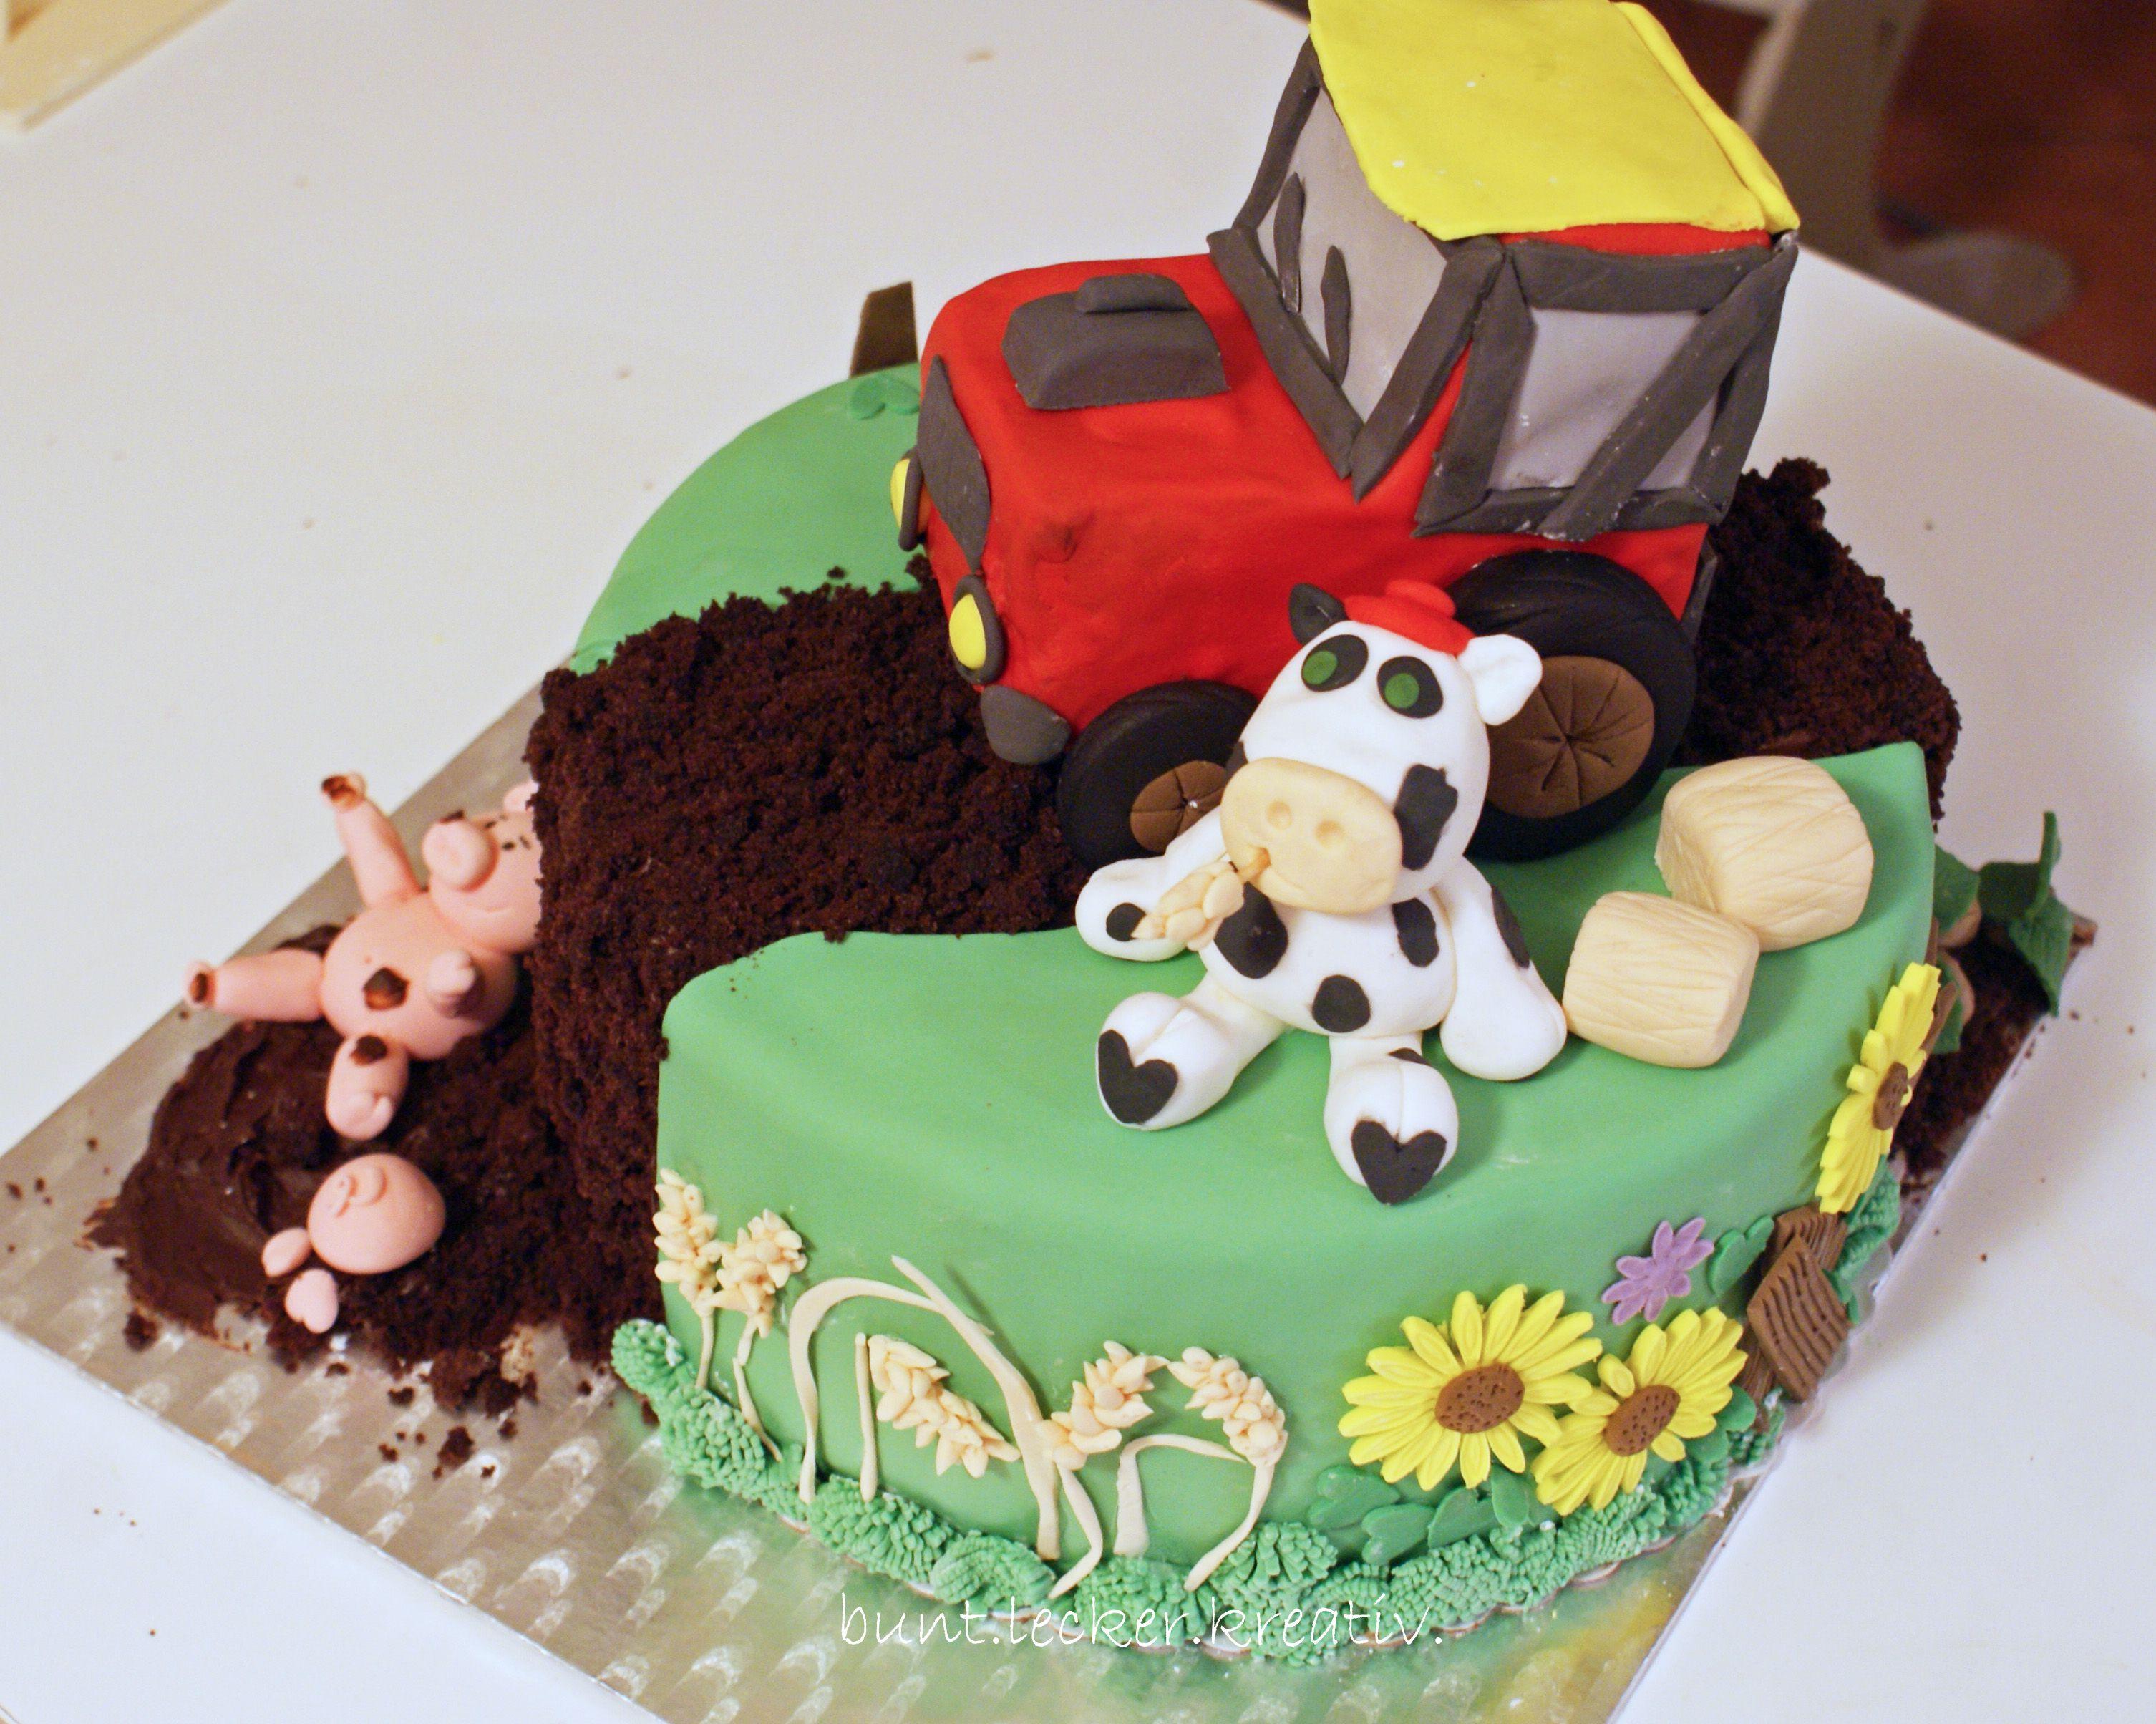 Bauernhof Torte Mit Traktor Kuh Und Schweinchen Backideen